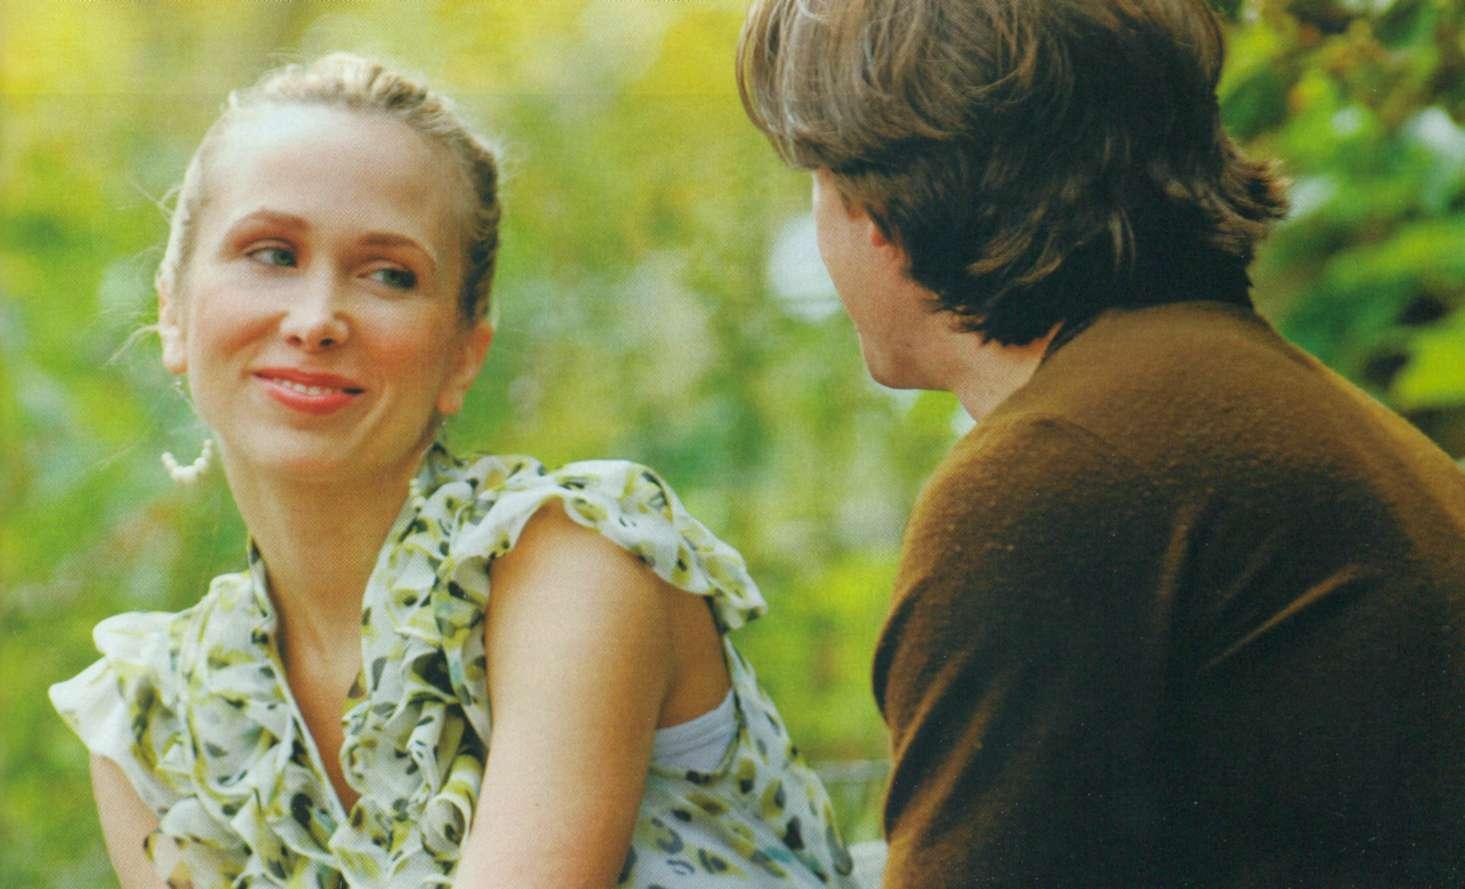 фразы для начала разговора знакомства